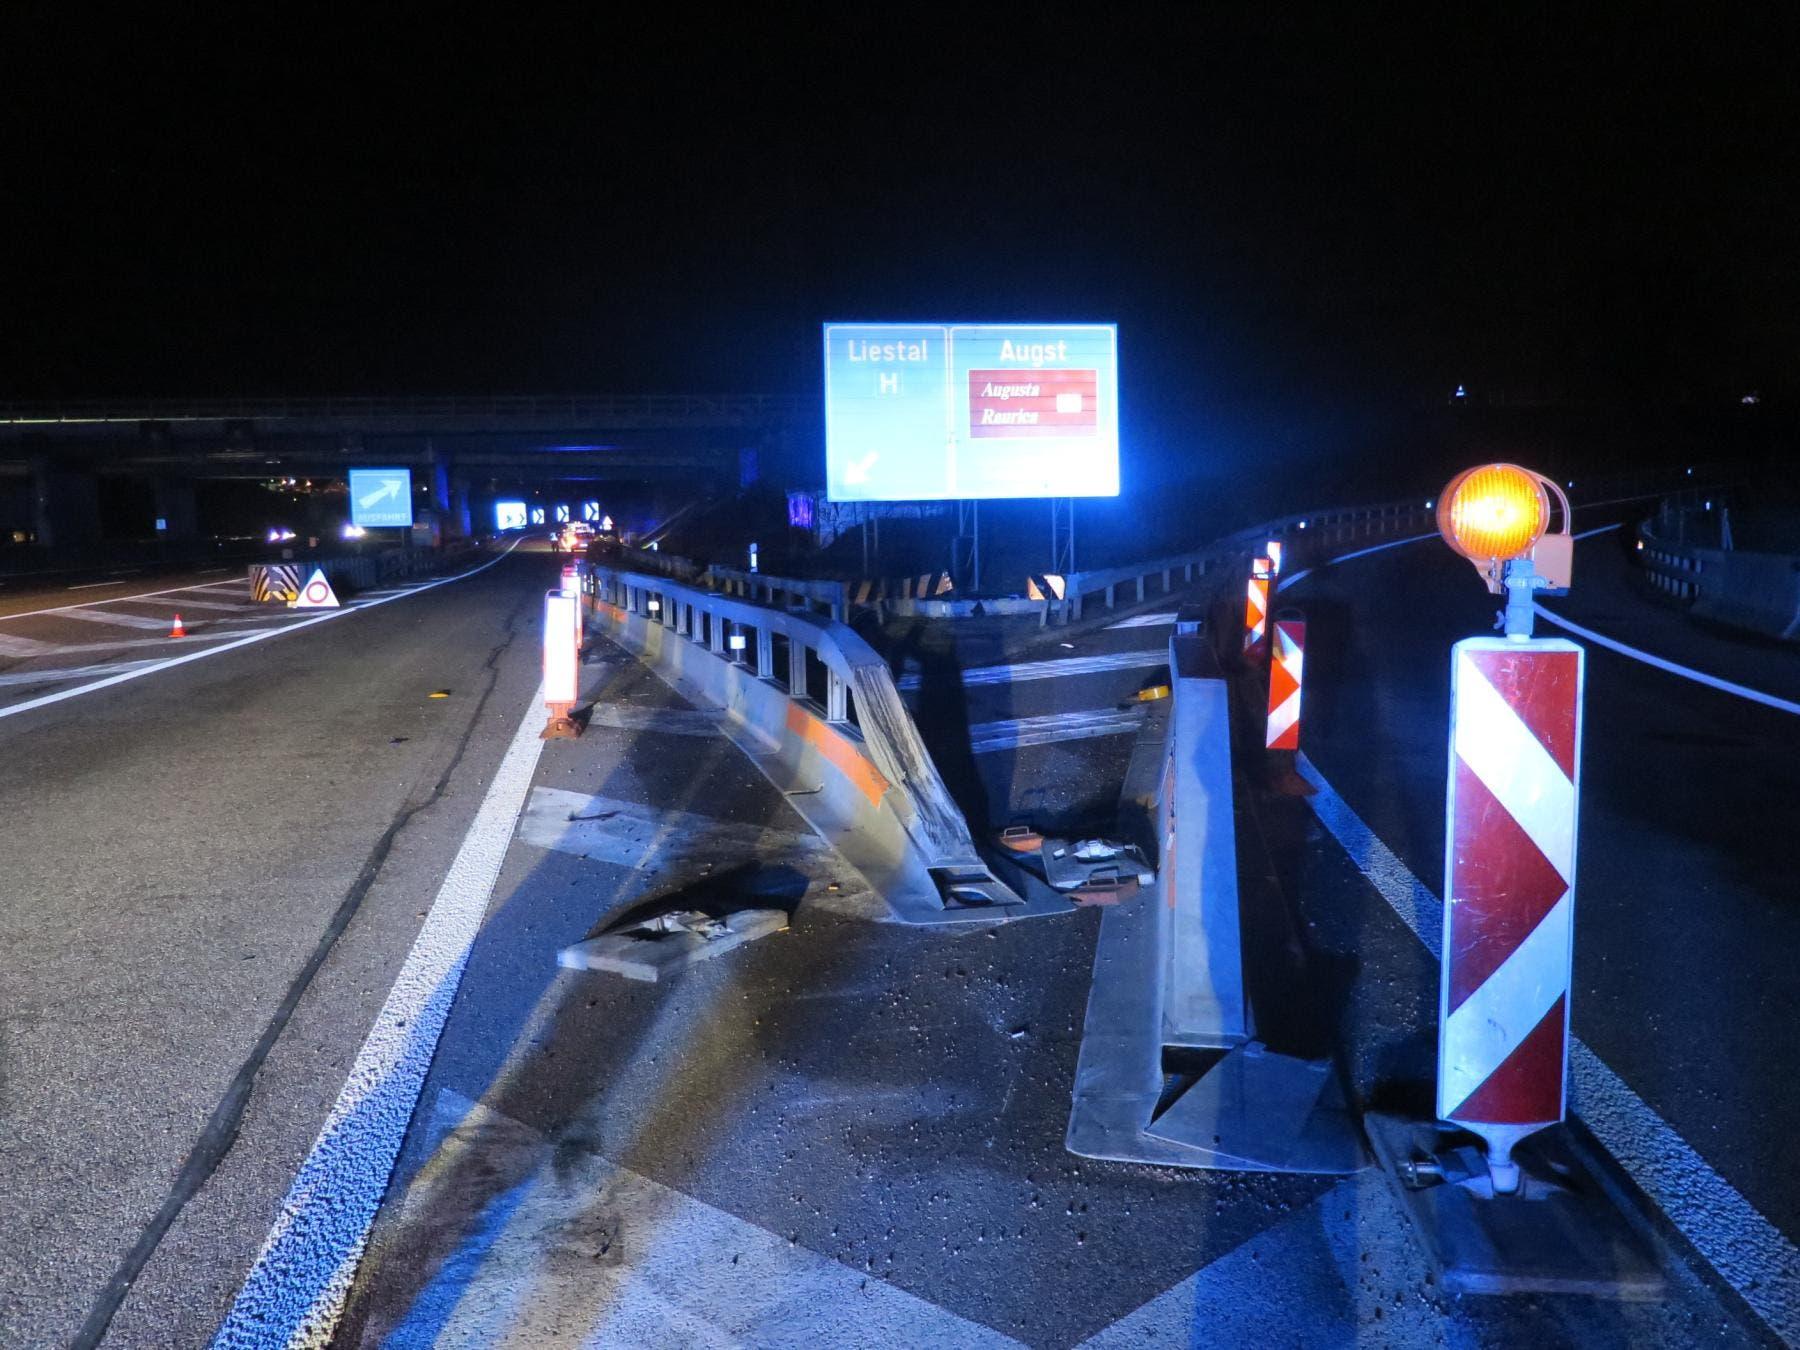 Der unfallverursachende Fahrer wurde beim Unfall verletzt.